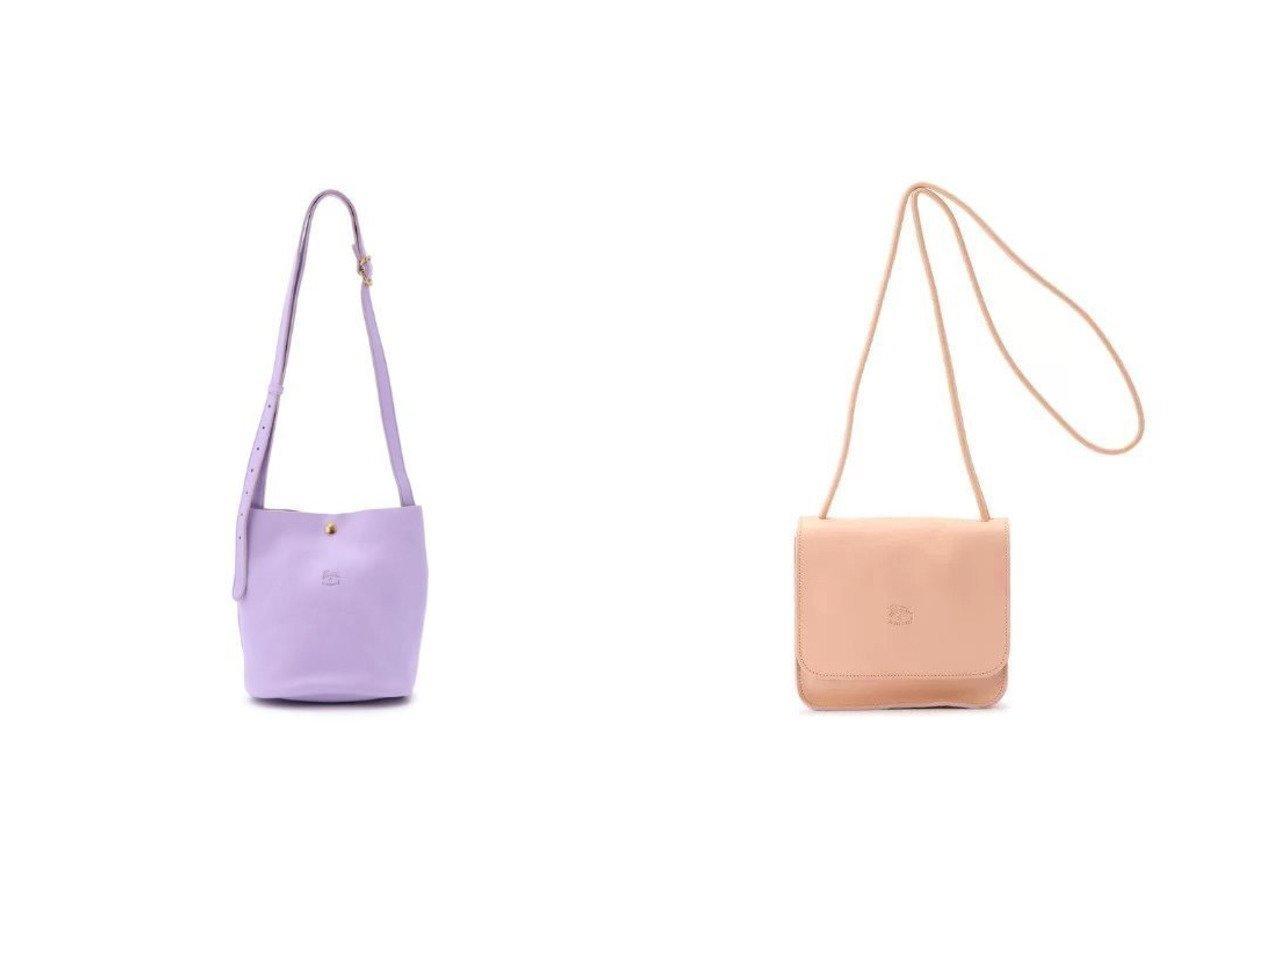 【IL BISONTE/イル ビゾンテ】のショルダーバッグ&ショルダーバッグ 【バッグ・鞄】おすすめ!人気、トレンド・レディースファッションの通販 おすすめで人気の流行・トレンド、ファッションの通販商品 インテリア・家具・メンズファッション・キッズファッション・レディースファッション・服の通販 founy(ファニー) https://founy.com/ ファッション Fashion レディースファッション WOMEN バッグ Bag スクエア パッチ フラップ ショルダー バケツ フォルム フロント ポケット |ID:crp329100000067736